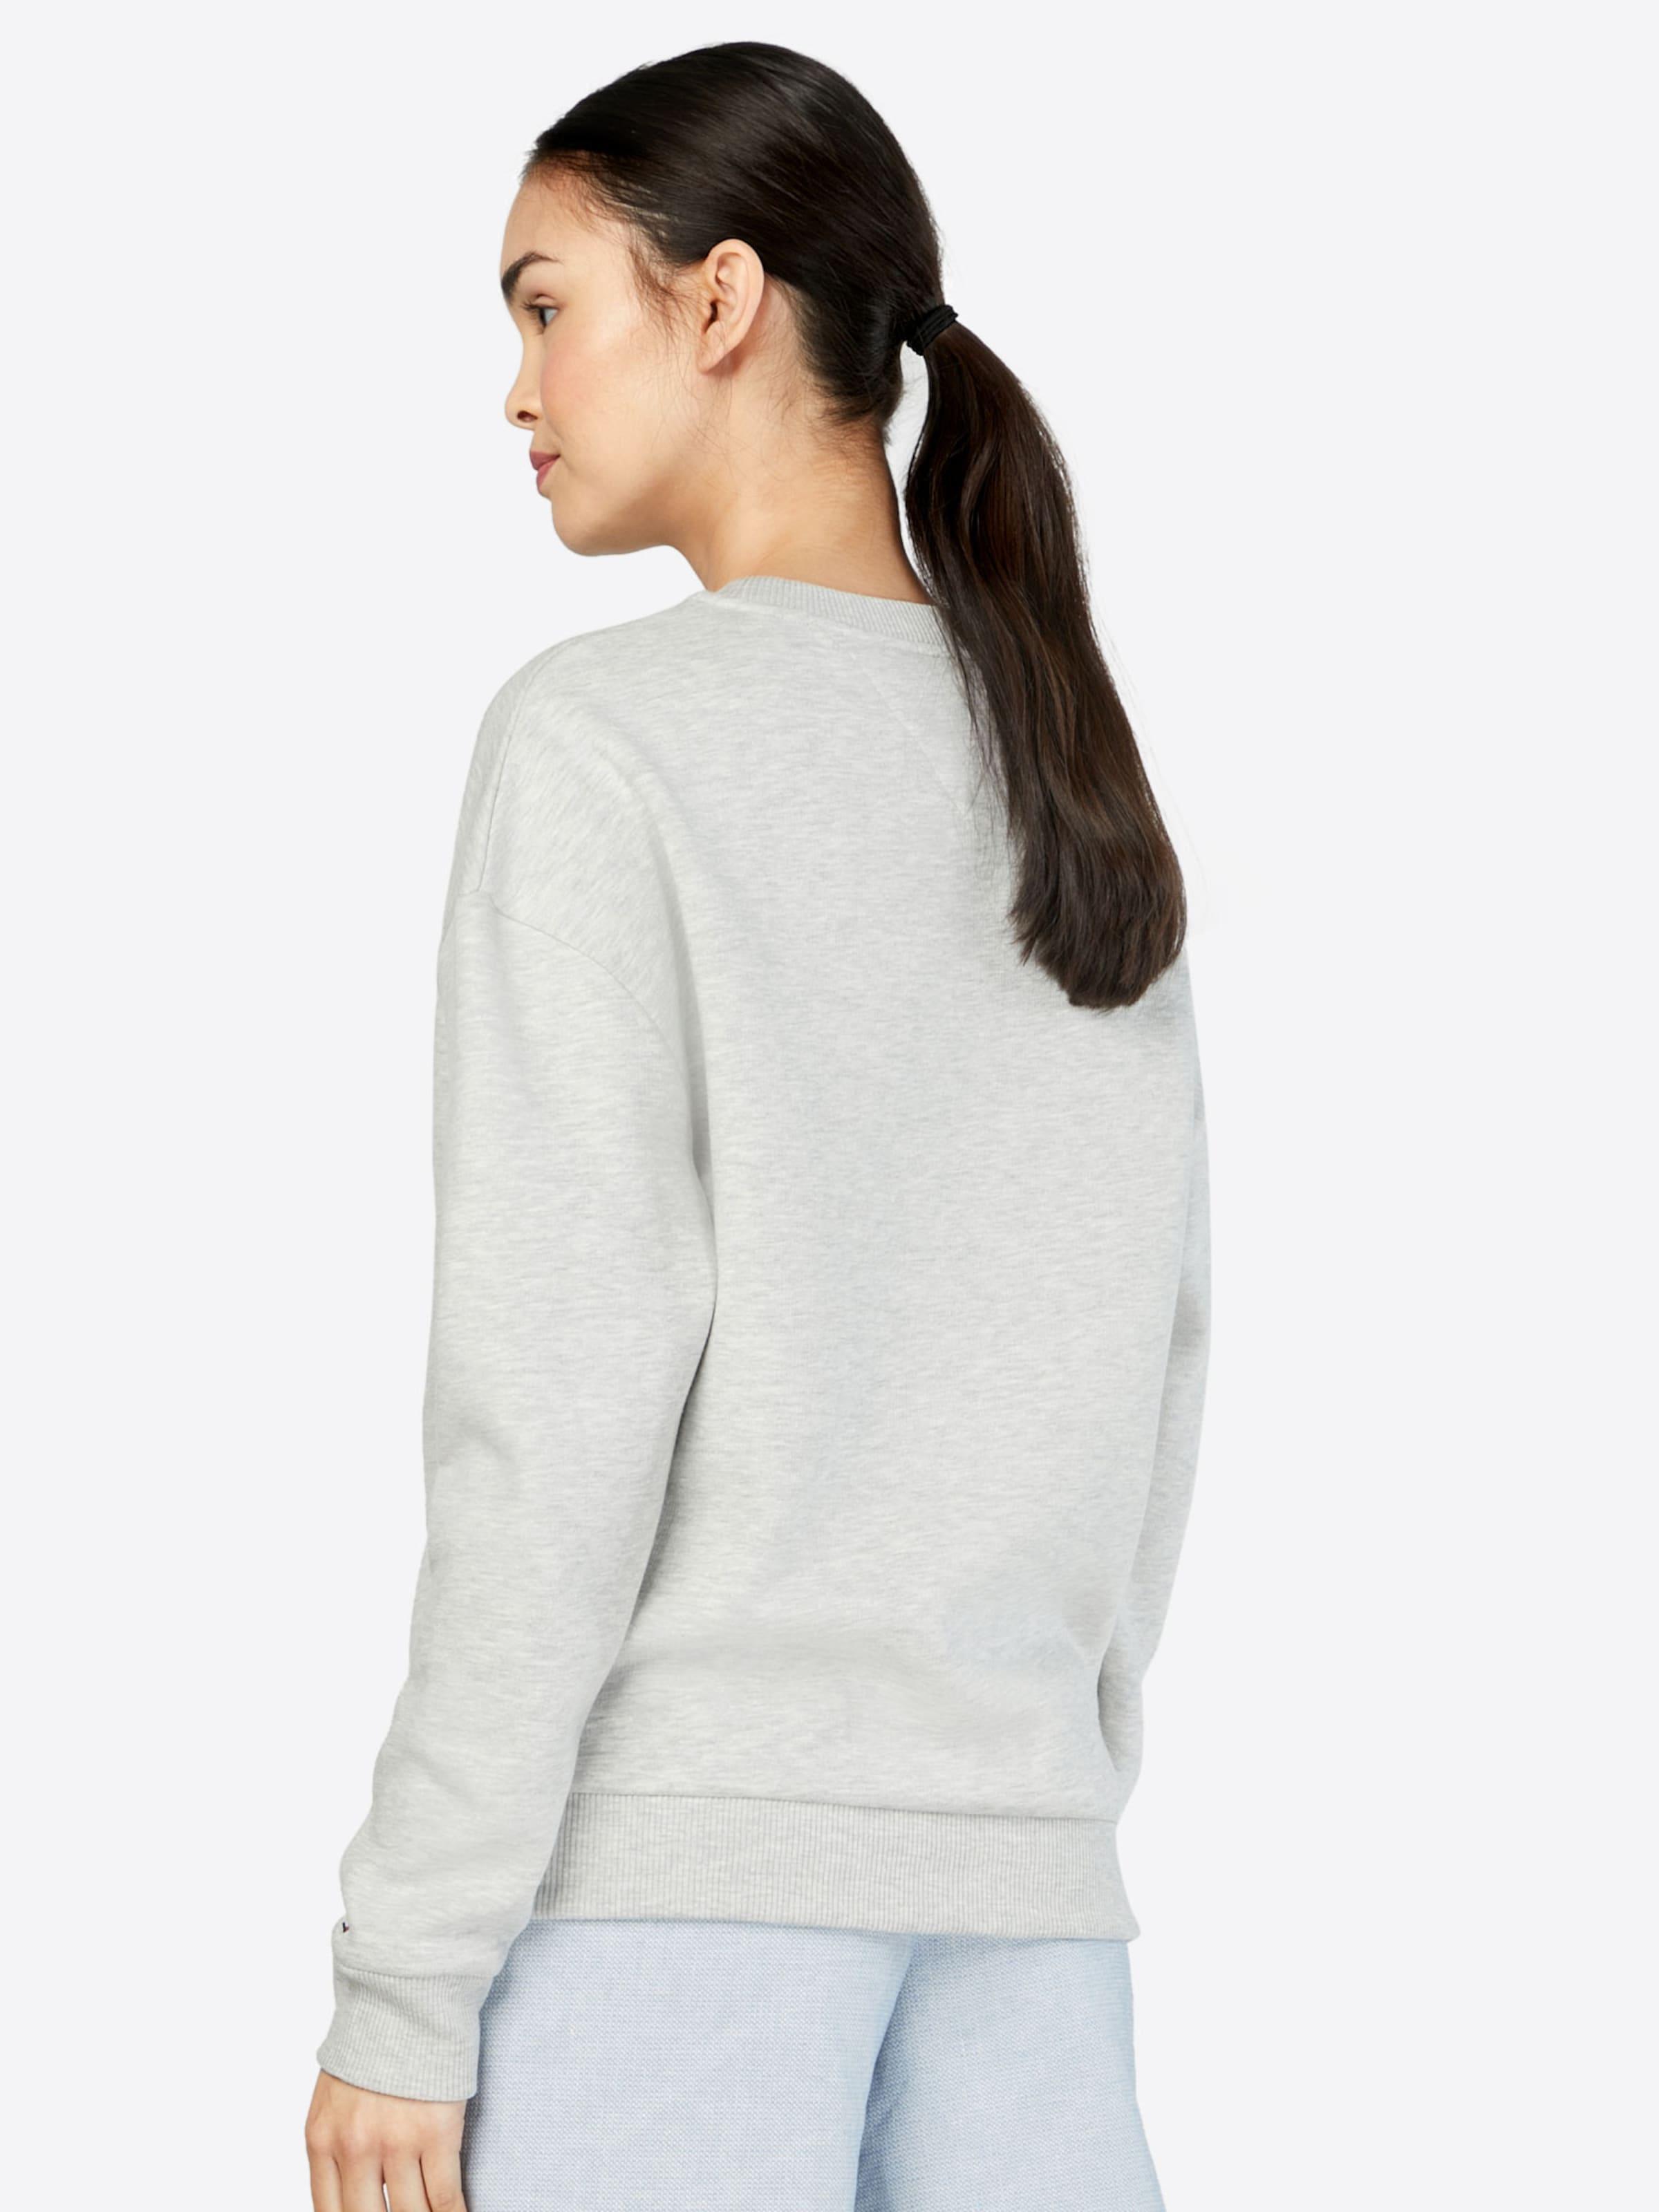 Qualität Freies Verschiffen Tommy Jeans Sweatshirt 100% Original Zum Verkauf Modisch Günstiger Preis Wiki Günstig Online Aaa Qualität 0zzUj6d